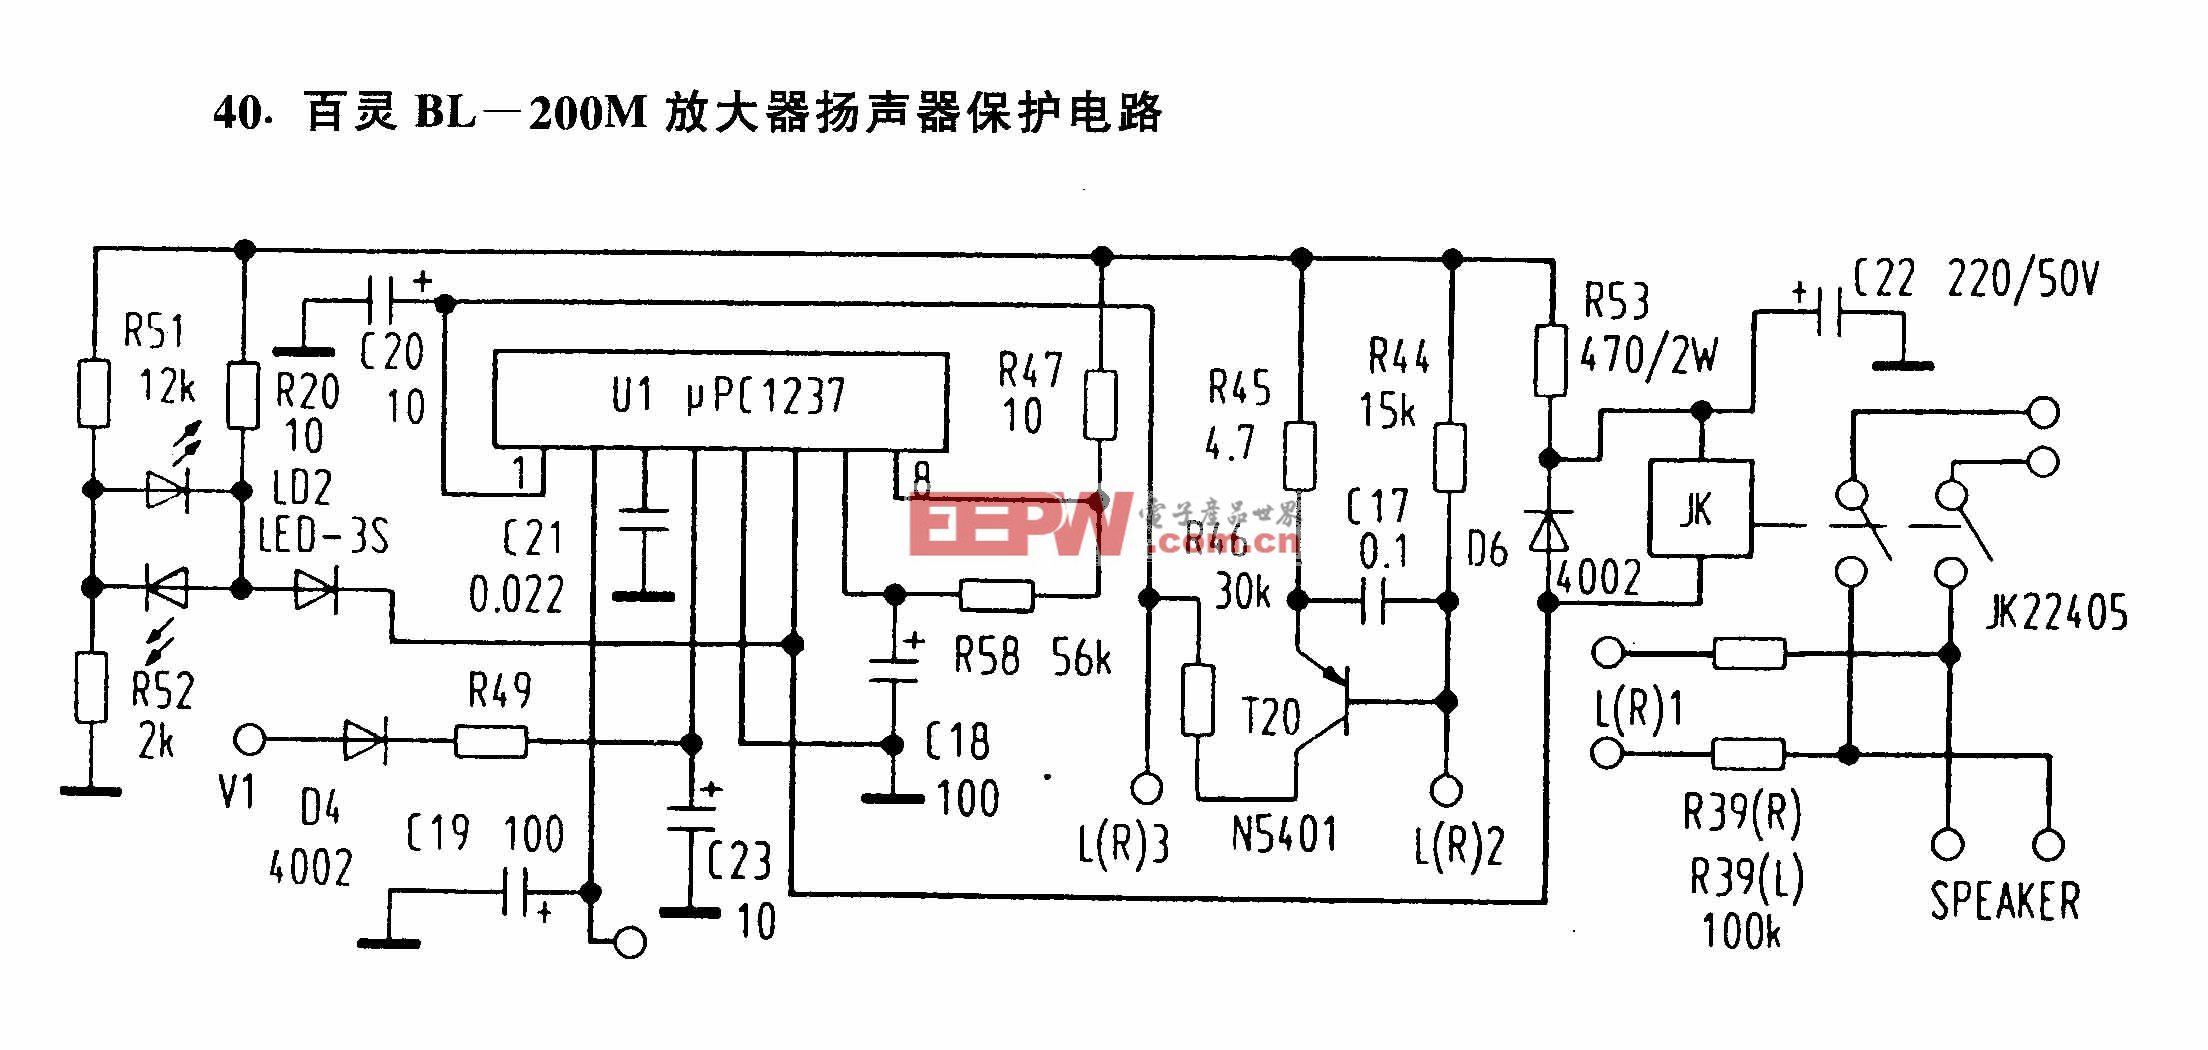 百灵BL-200M放大器扬声器保护电路